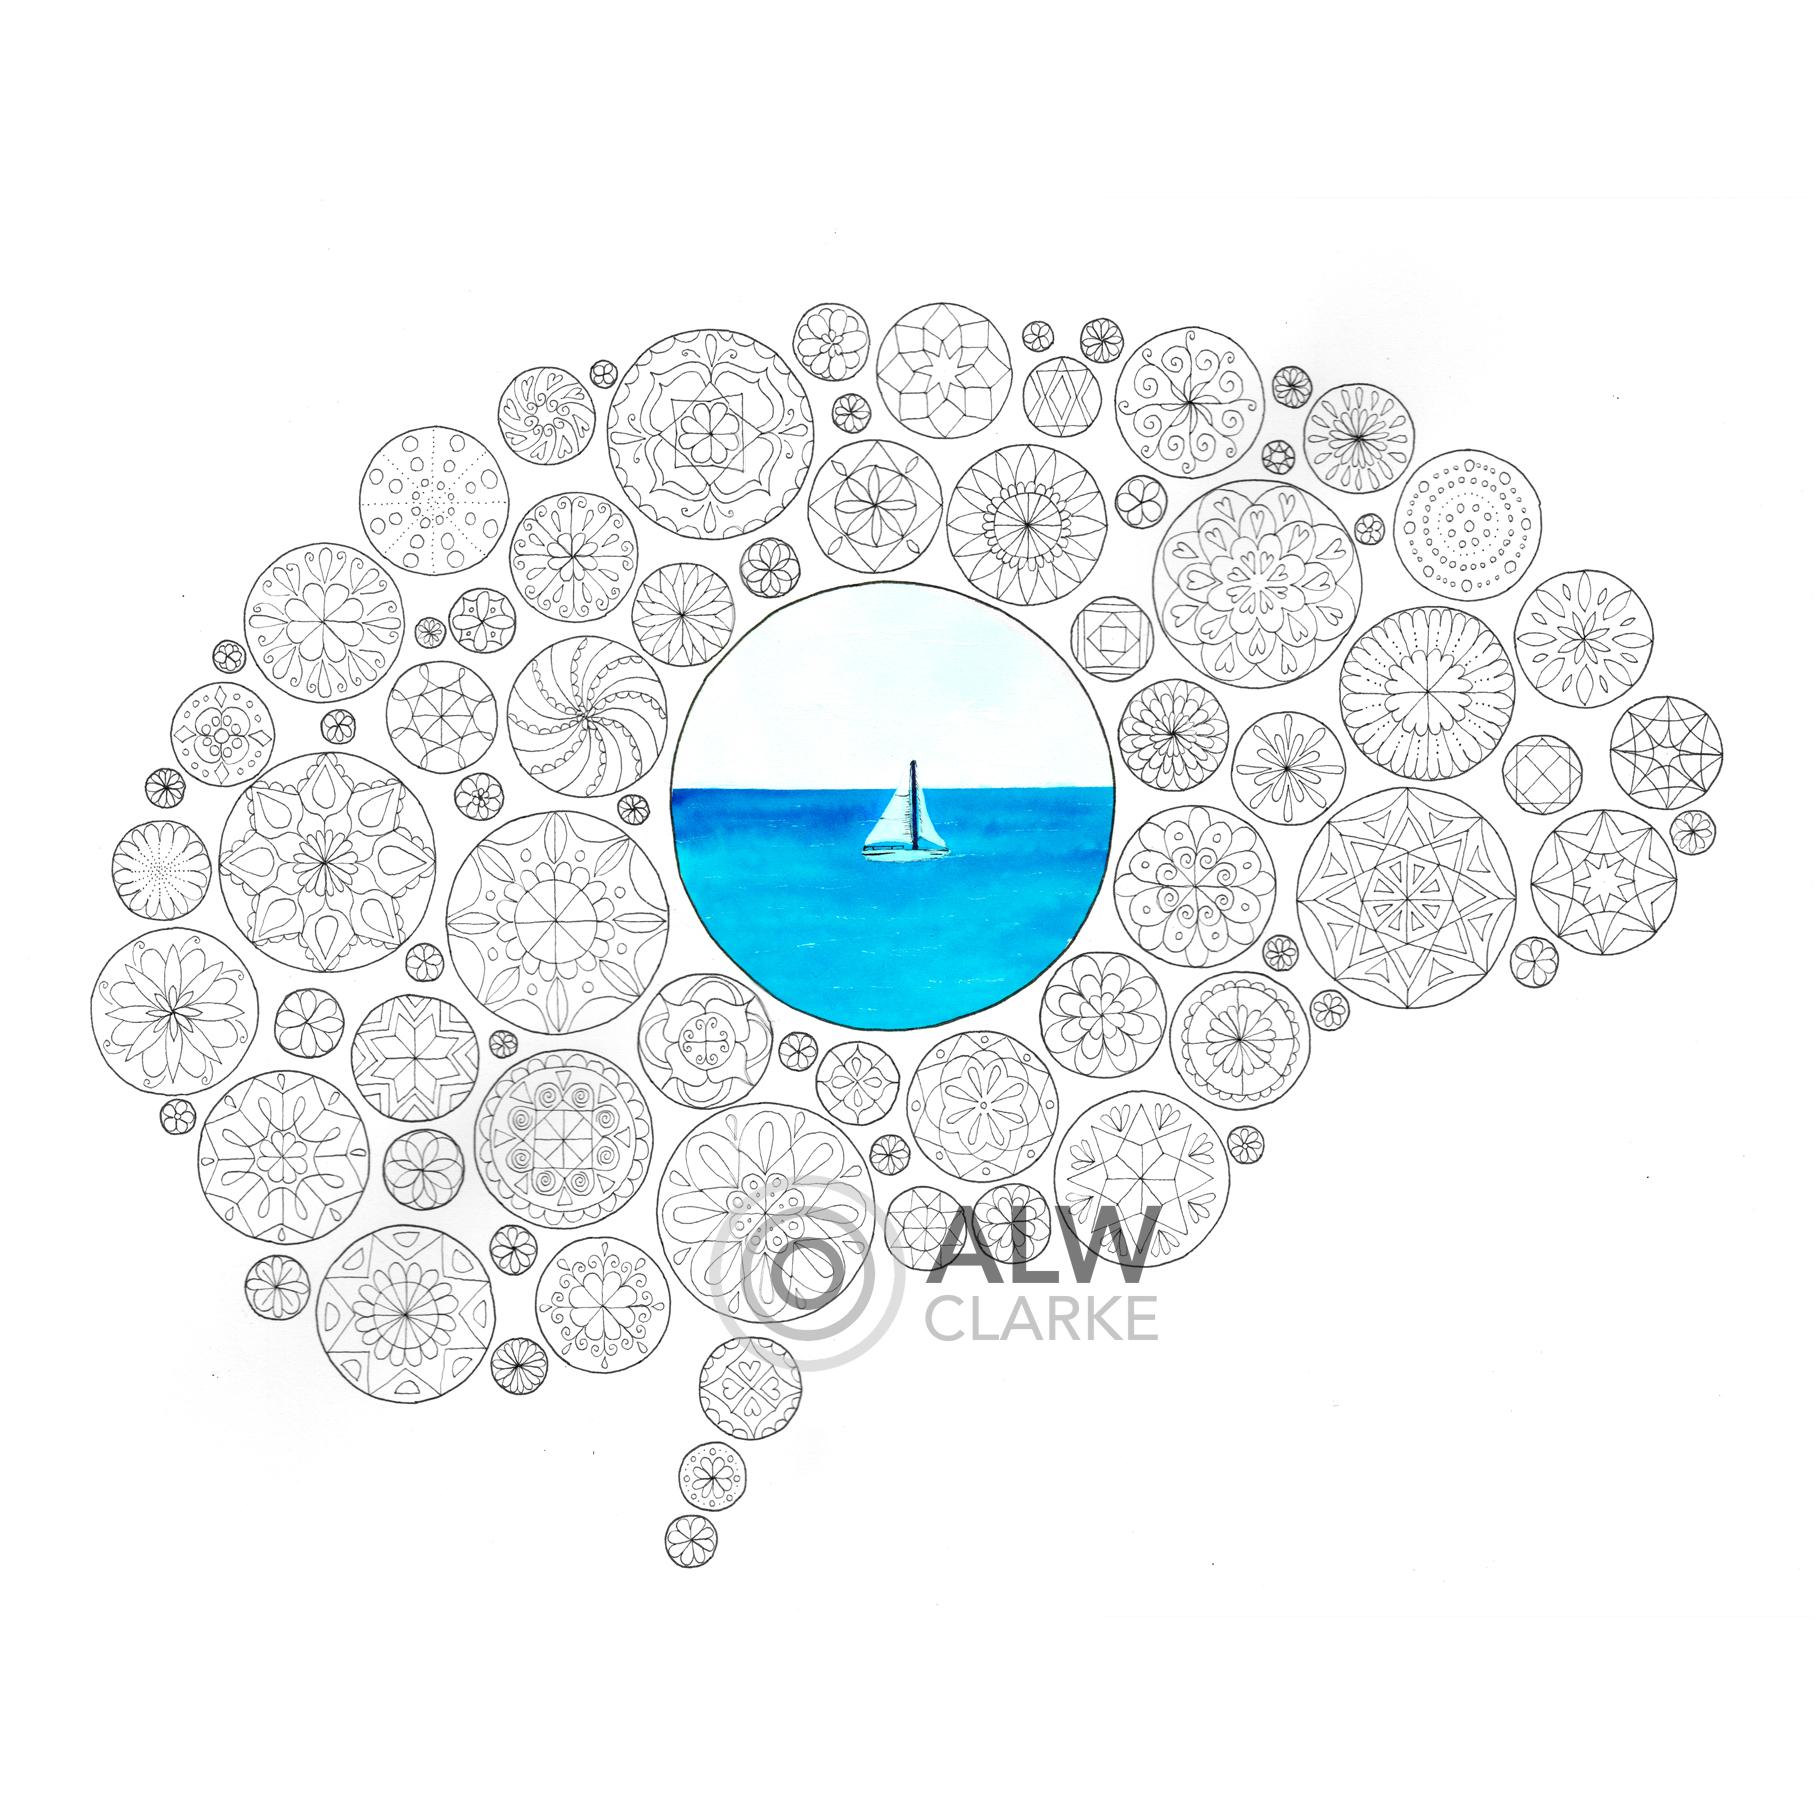 ALW-Clarke-Mindful-Open-Mind-Artwork.jpg